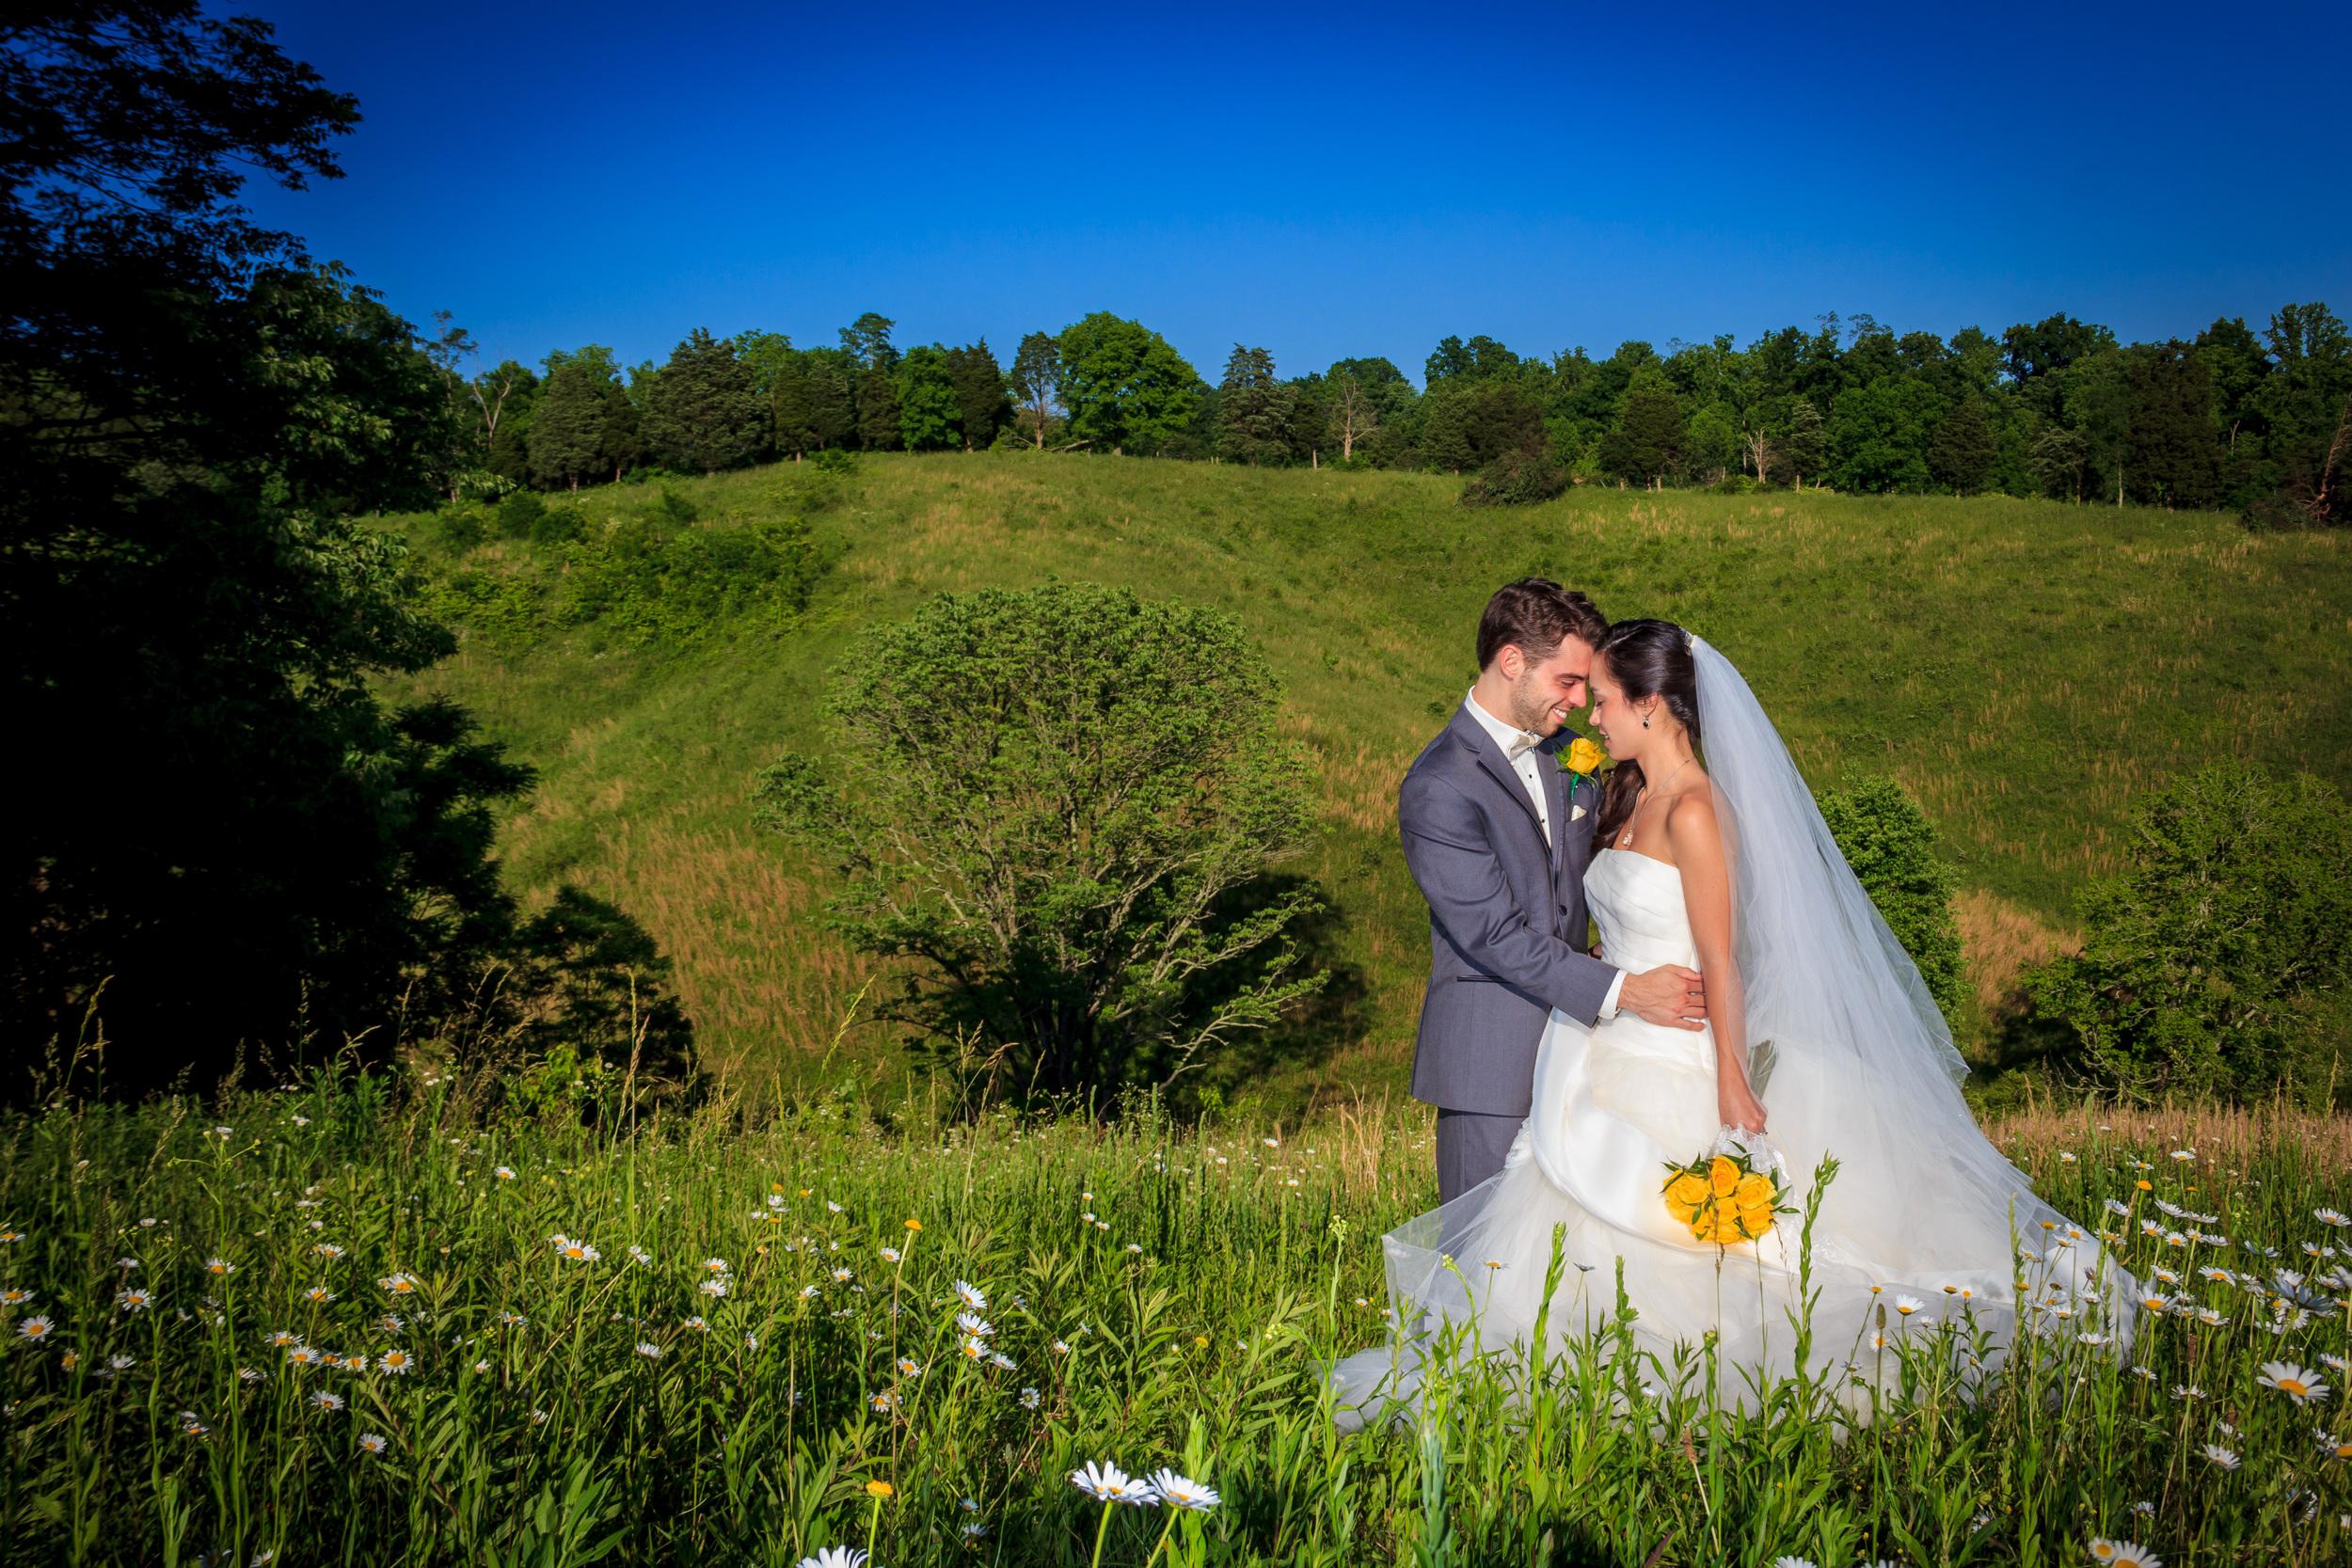 wildflower-fields-daisies-wedding.jpg